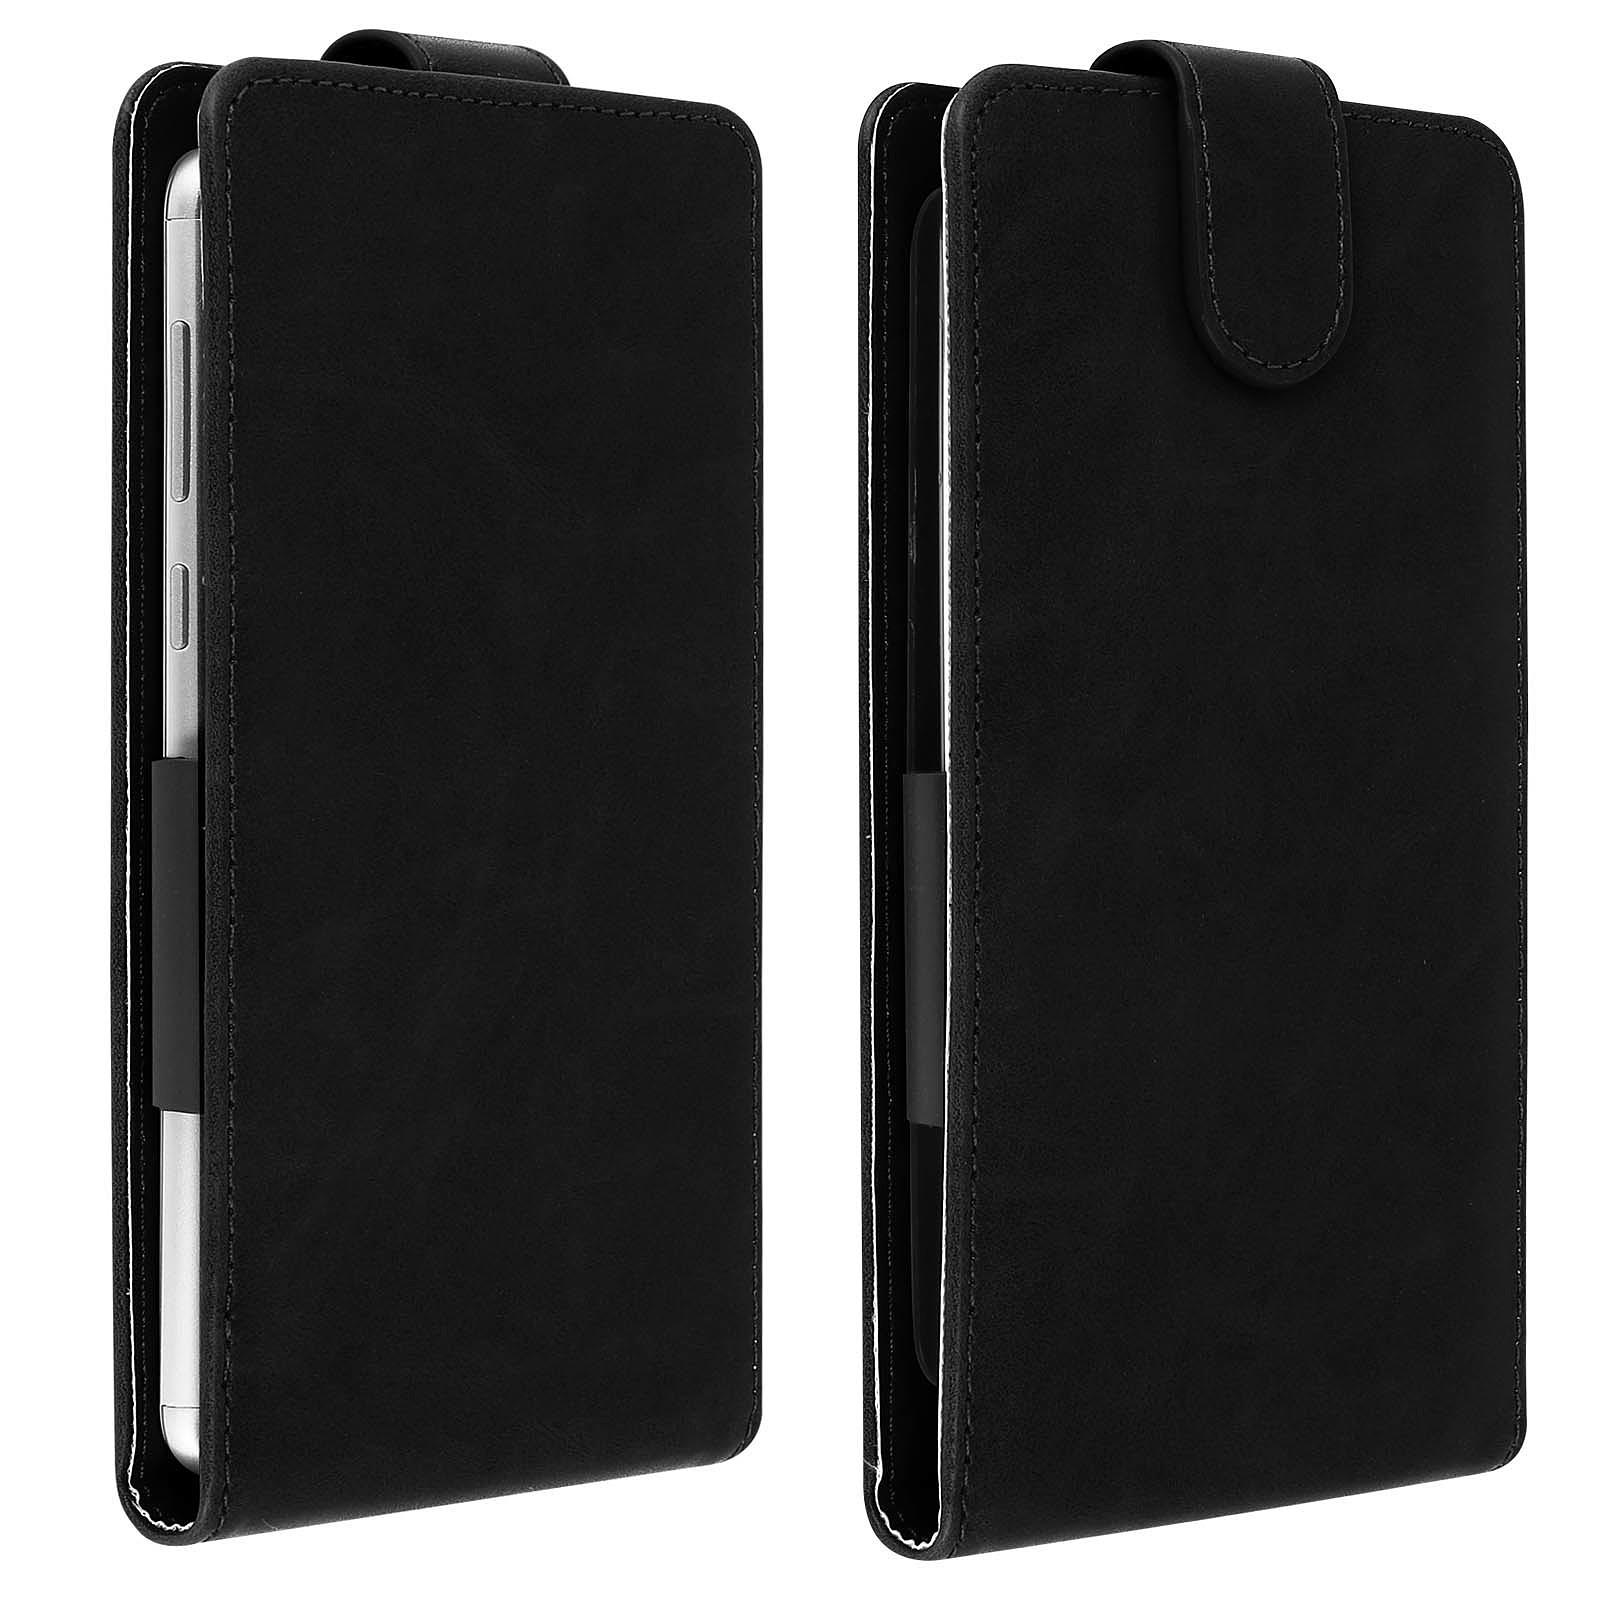 Avizar Etui à clapet Noir pour Compatibles avec Smartphones de 4,7 à 5,0 pouces